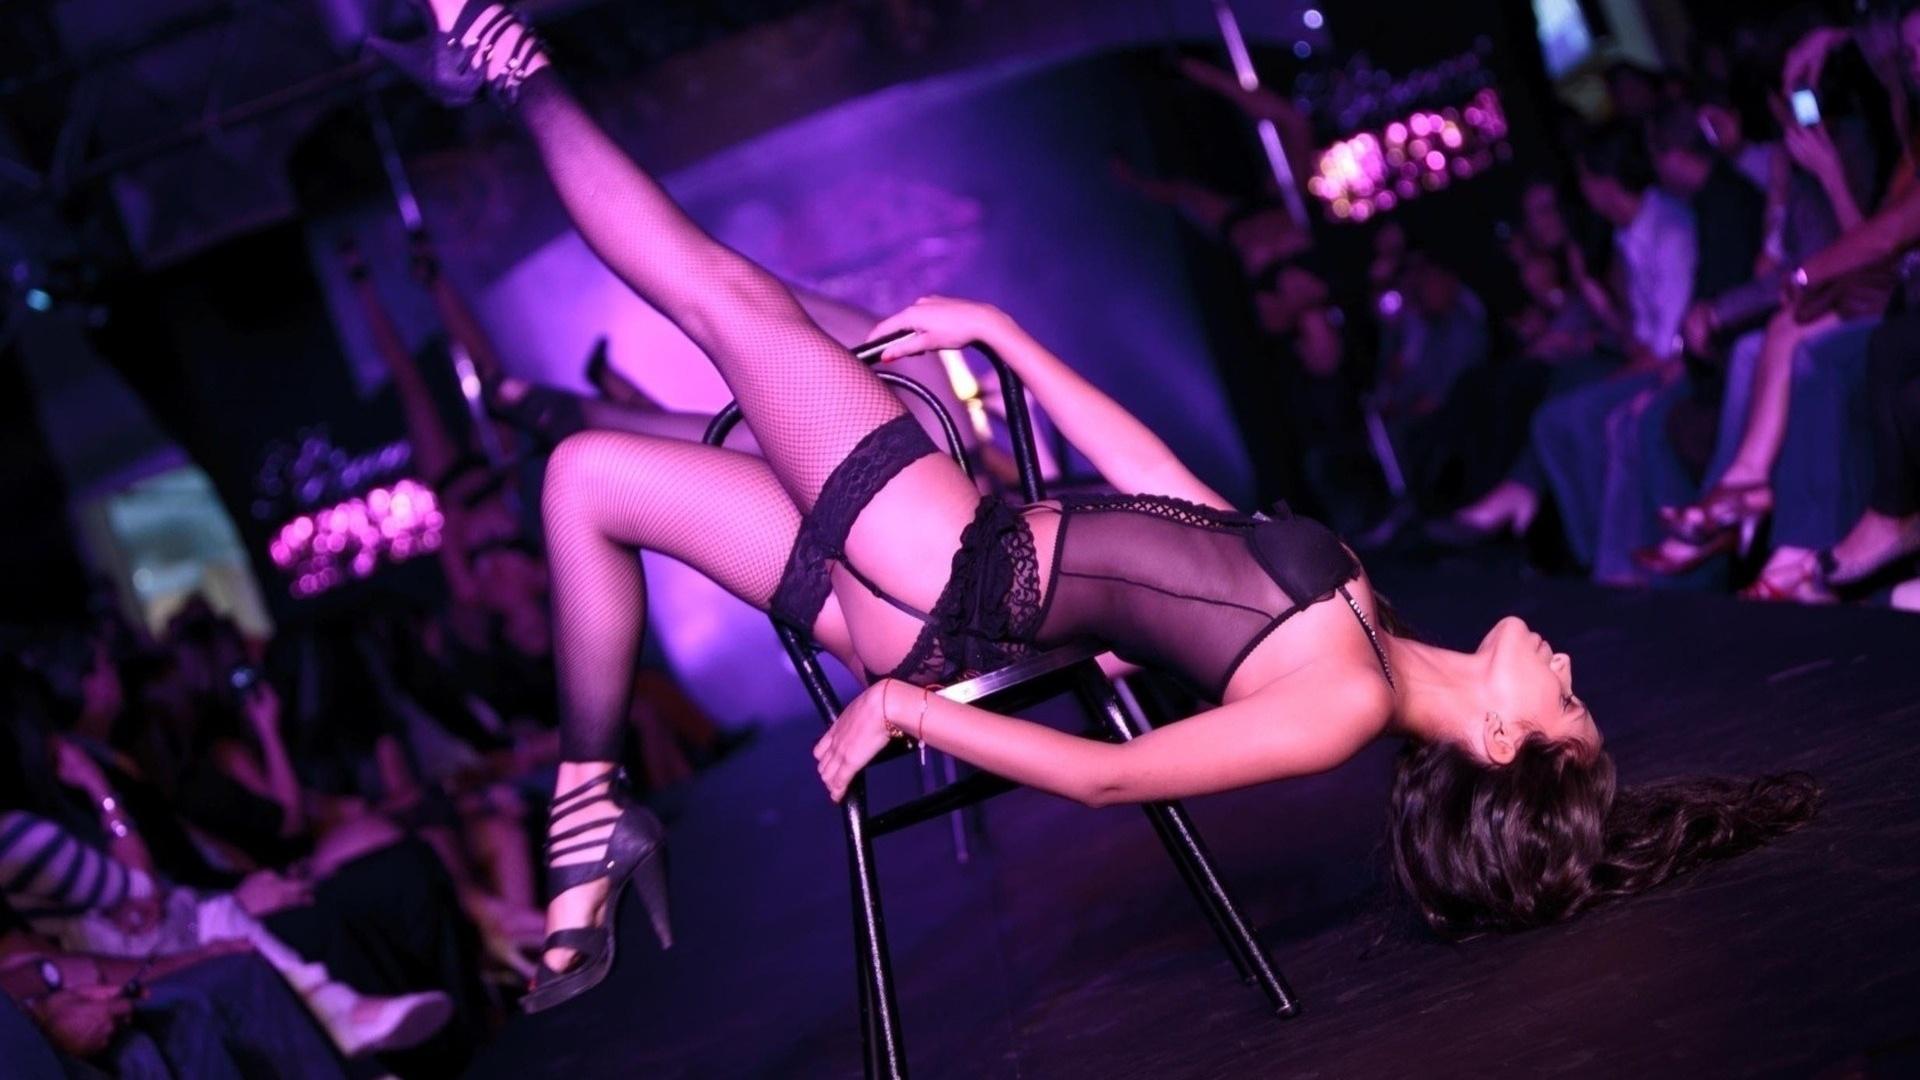 связывает лишь танцы стриптиз клубах ролики буду